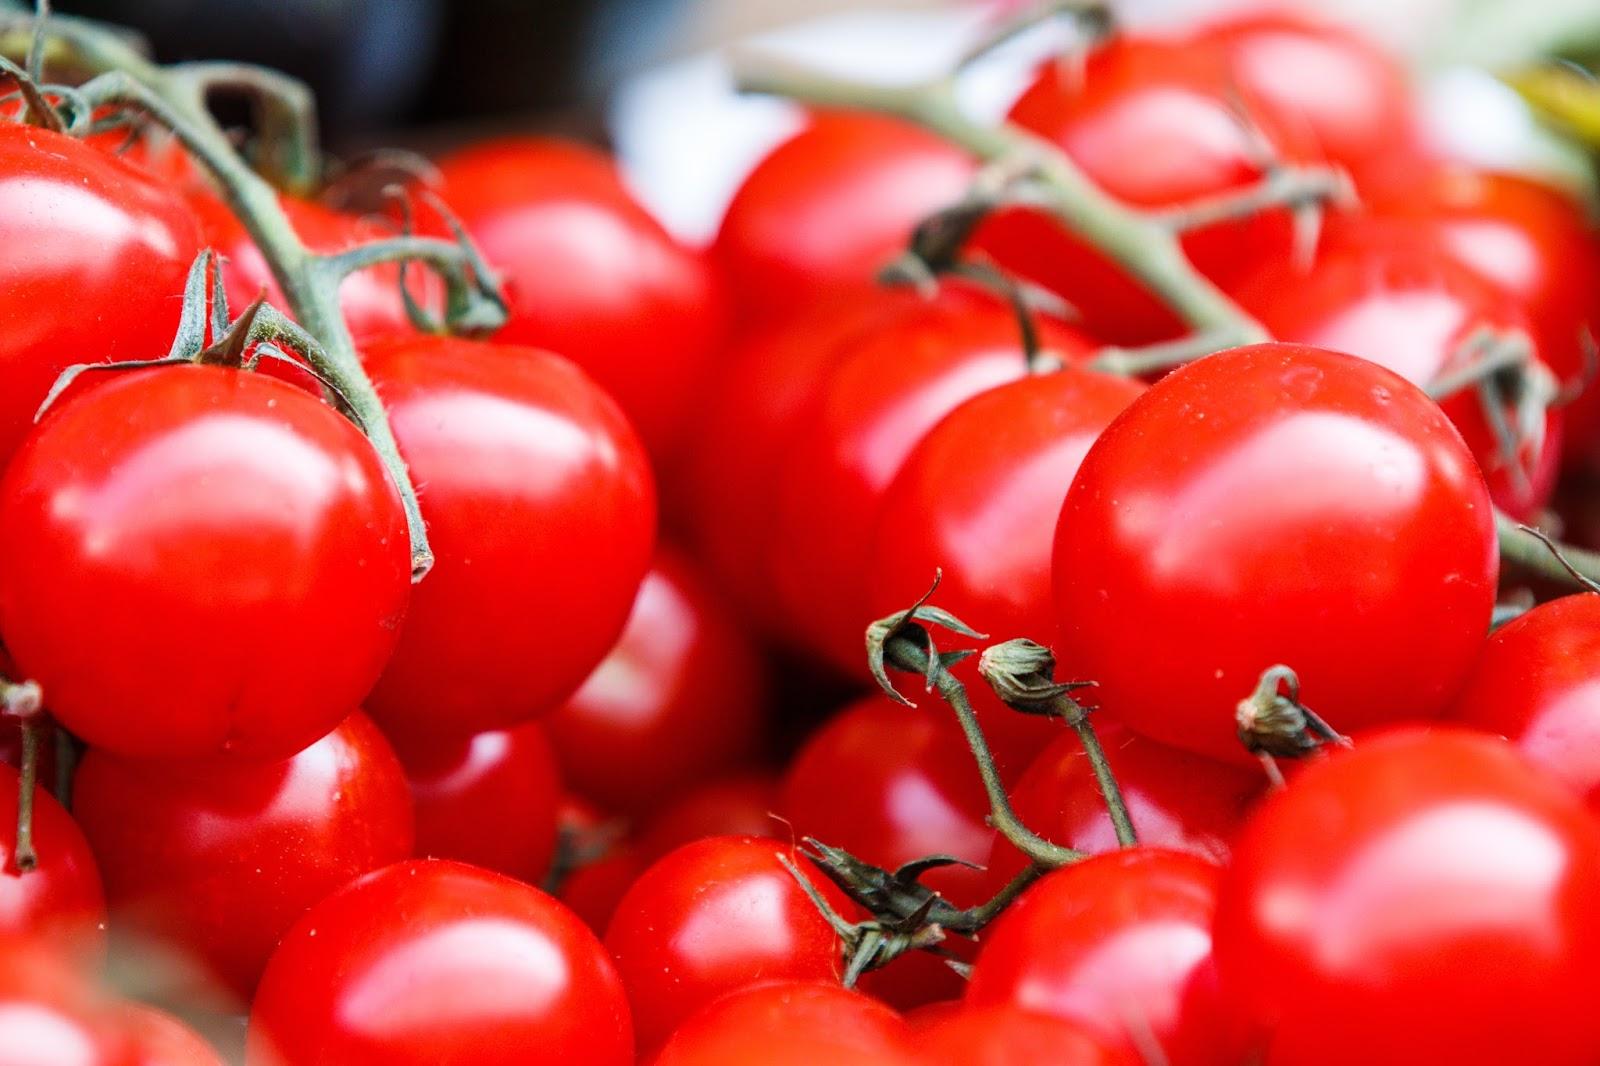 صورة الطماطم في الحلم , معنى رؤية البندورة بالمنام